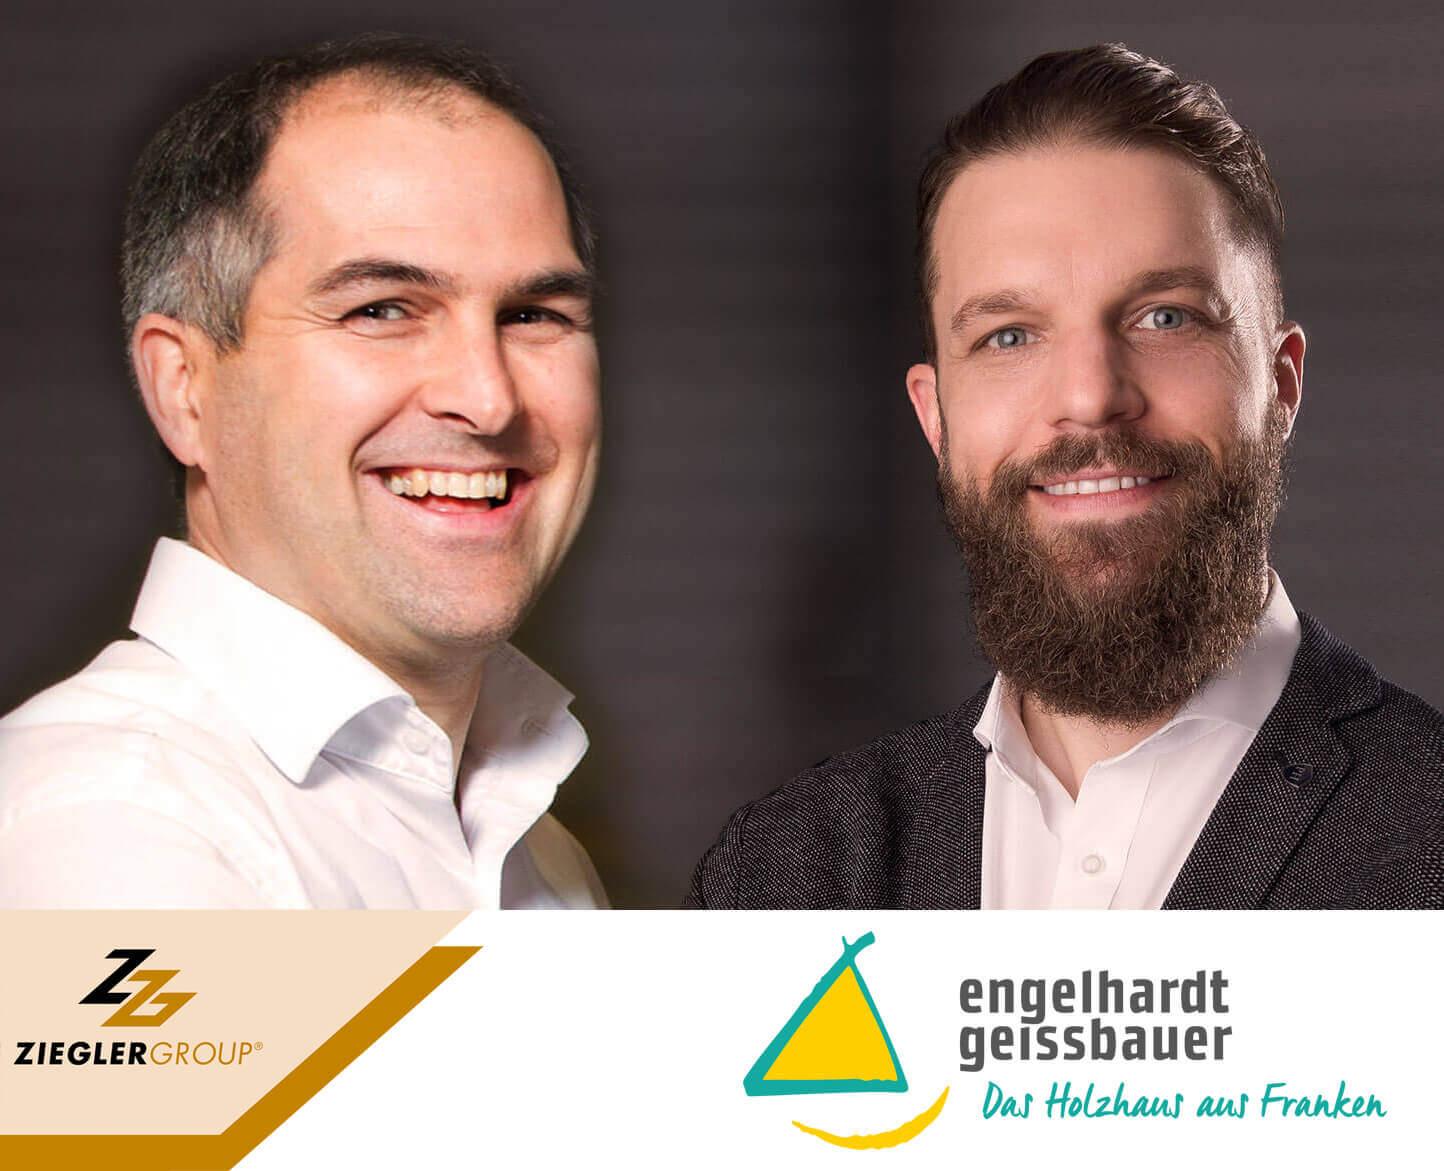 Übernahme in die Ziegler Group. Neue Geschäftsführer Stefan Bauereiß und Stefan Ziegler.